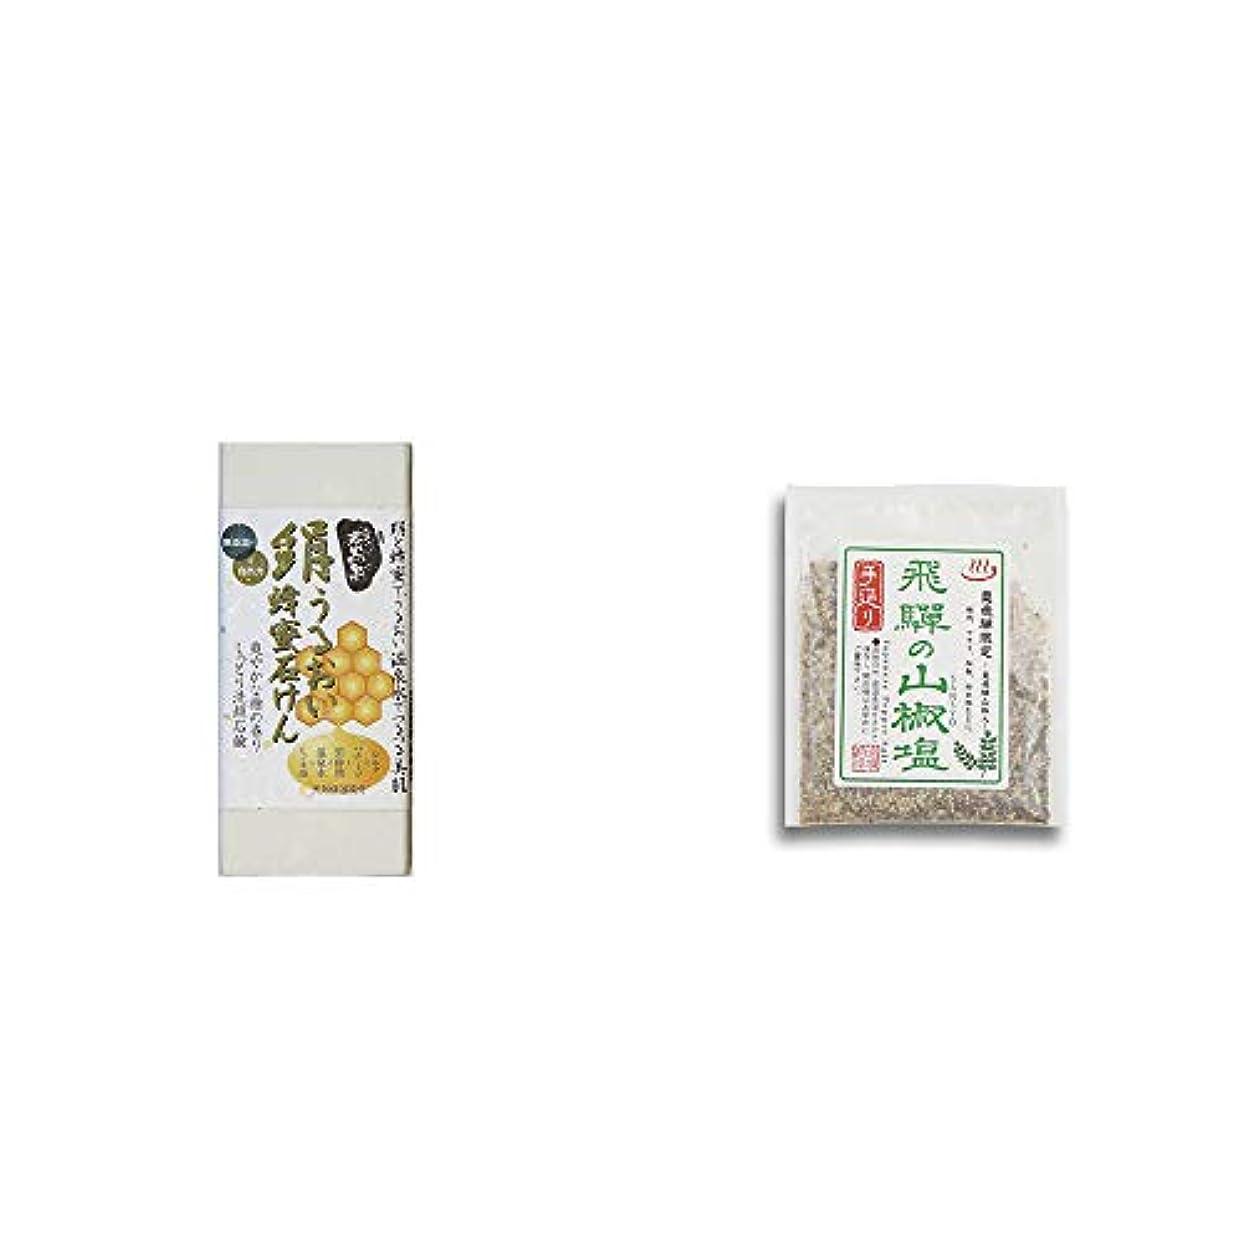 沿って放棄無駄[2点セット] ひのき炭黒泉 絹うるおい蜂蜜石けん(75g×2)?手造り 飛騨の山椒塩(40g)